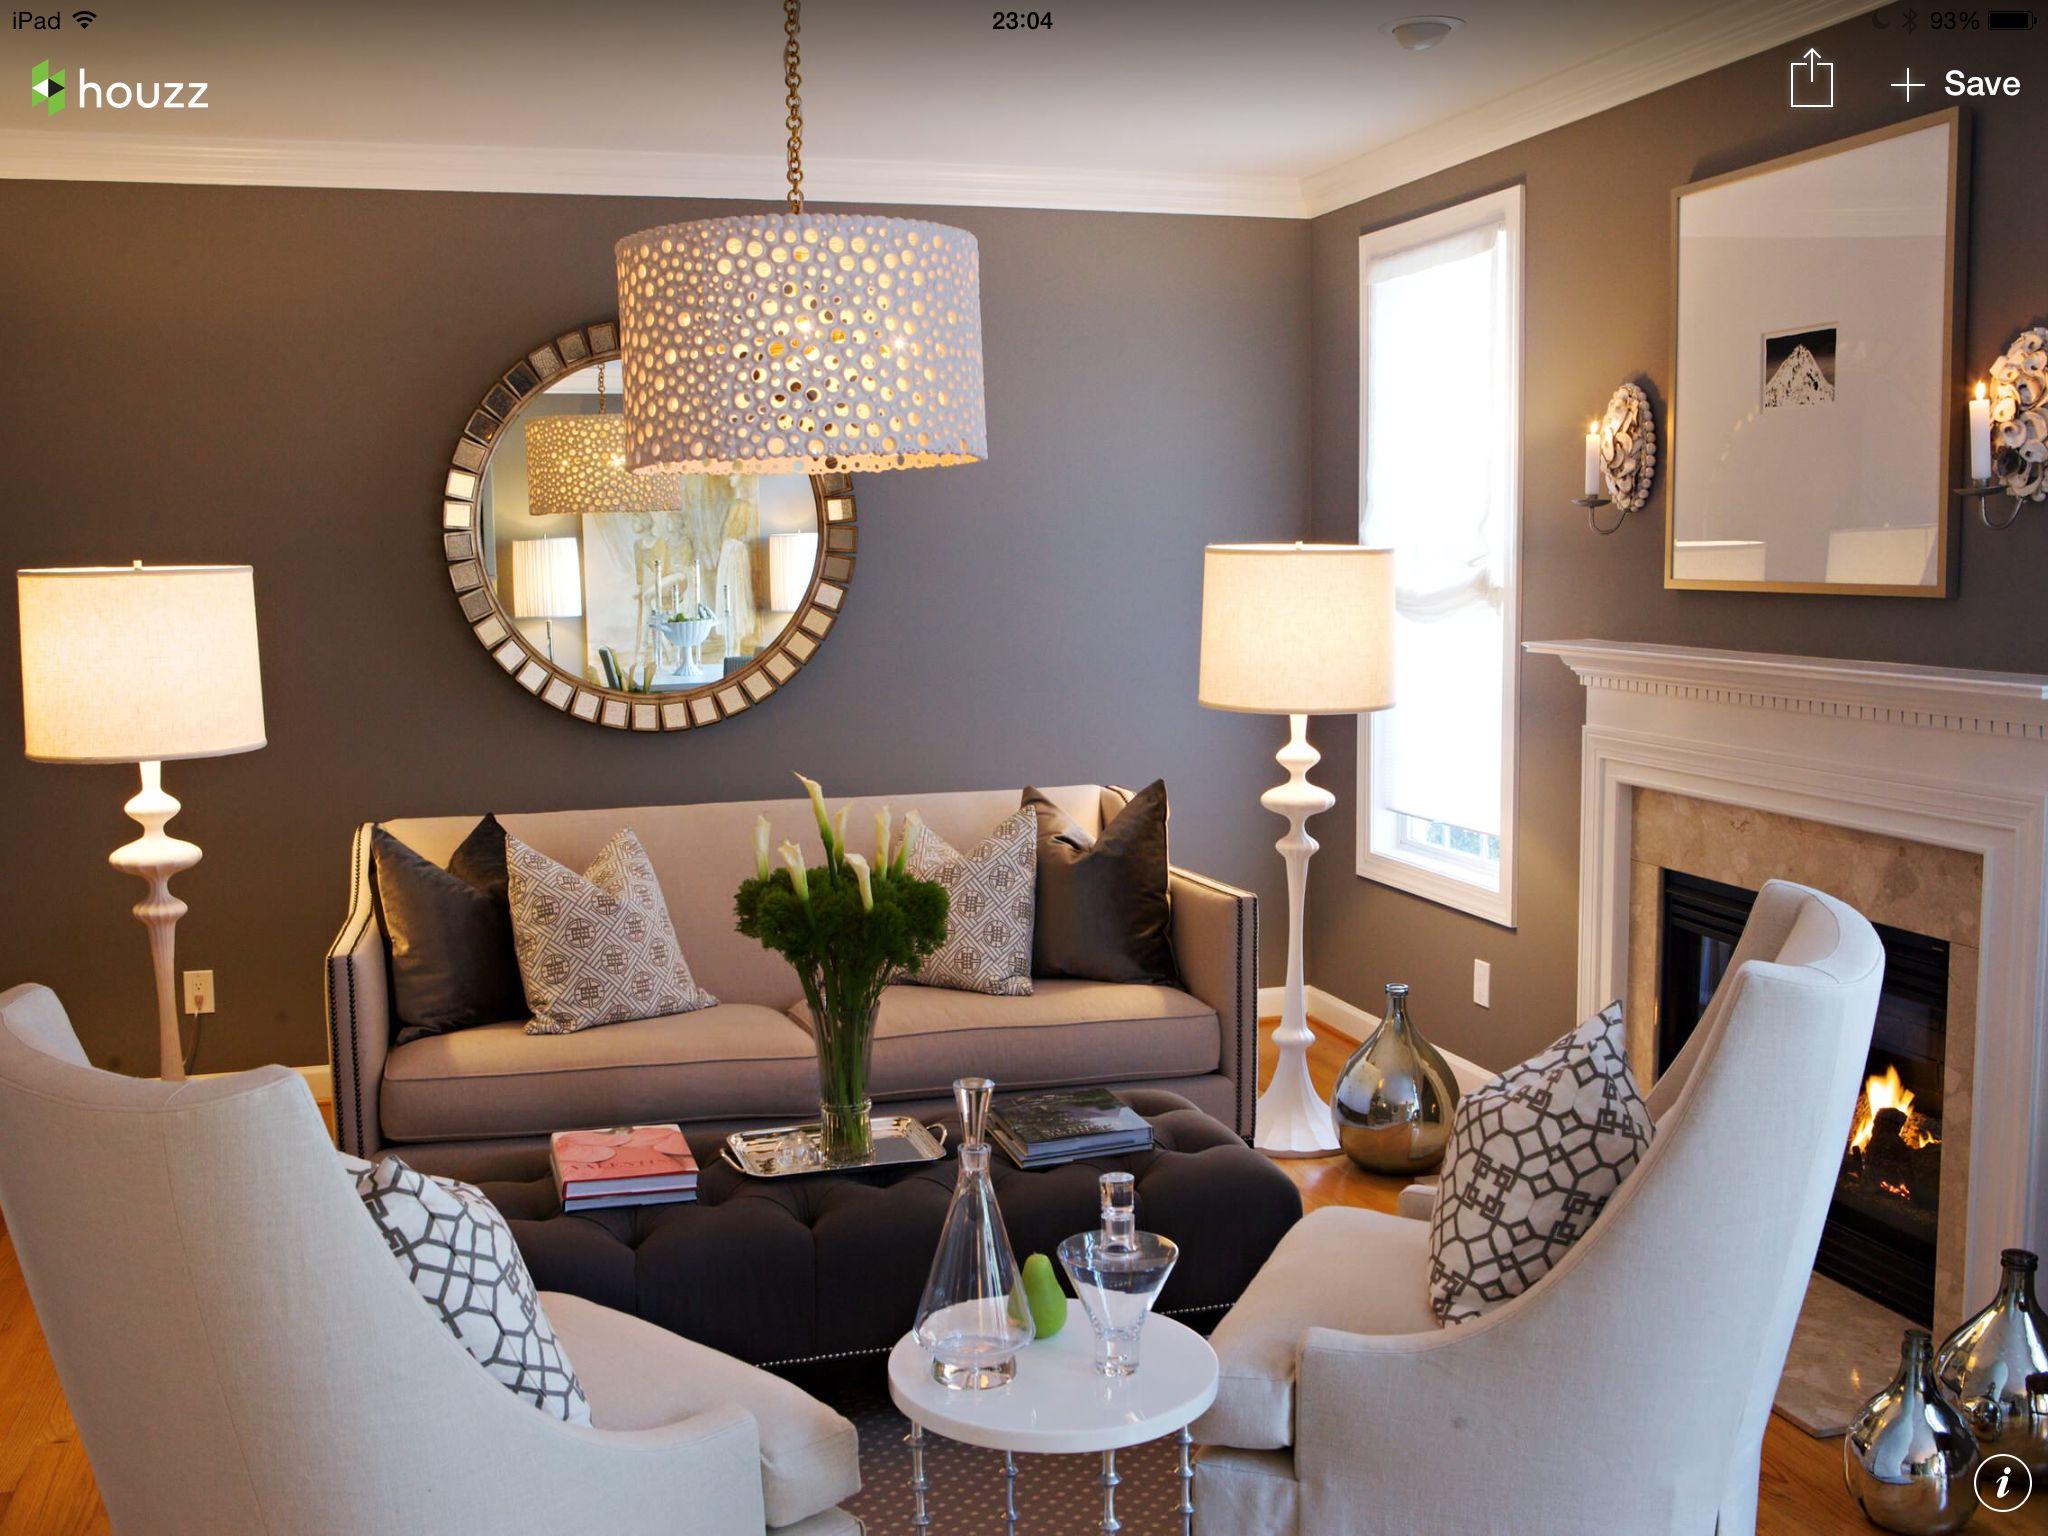 Erkunde Wohnung Wohnzimmer Wohnzimmer Ideen und noch mehr